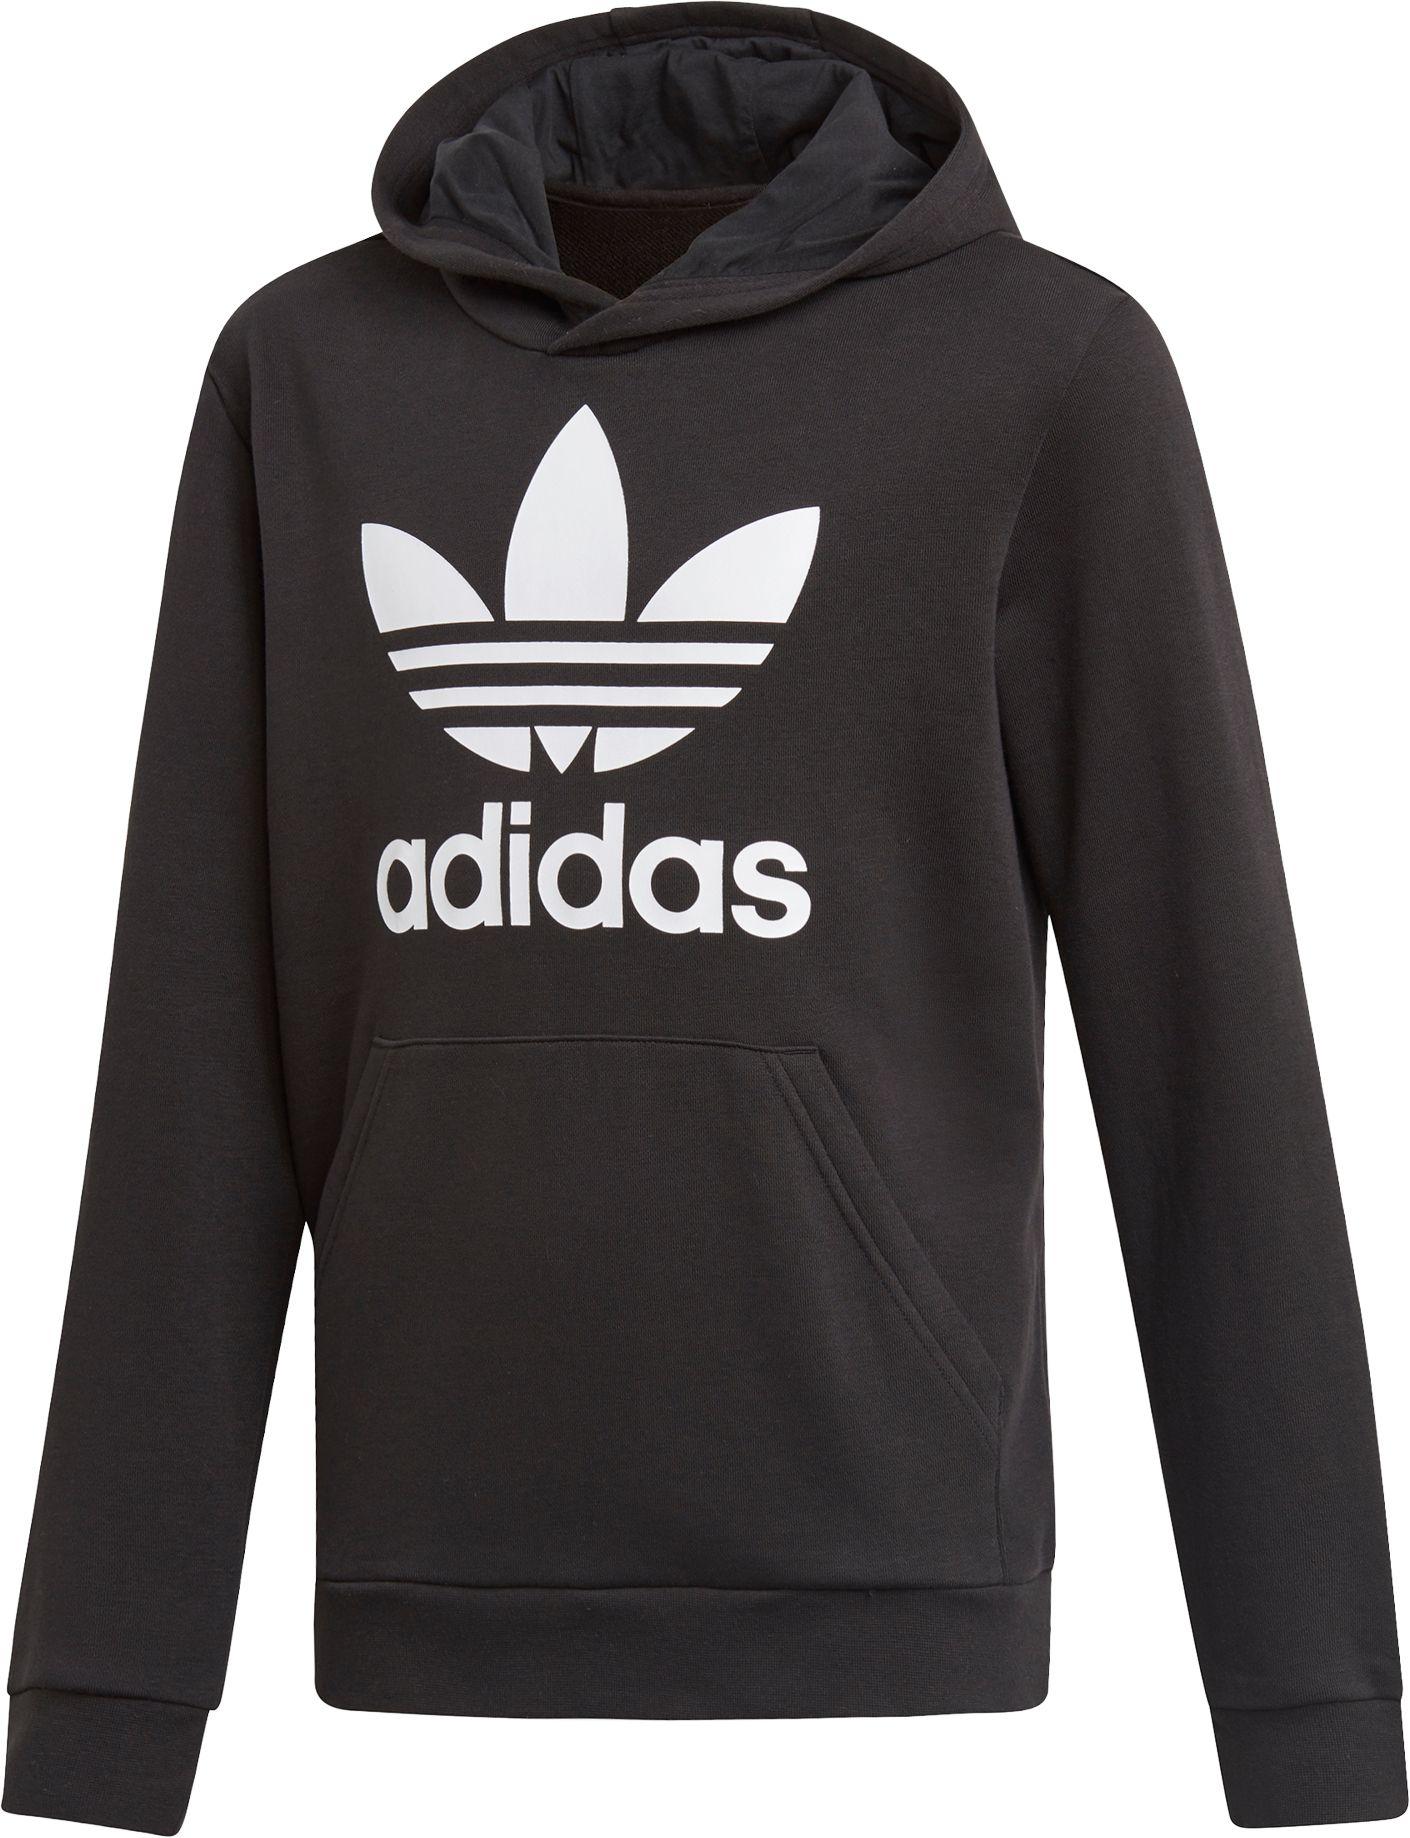 Están deprimidos Riego Cambios de  ladies adidas hoodie cheap online